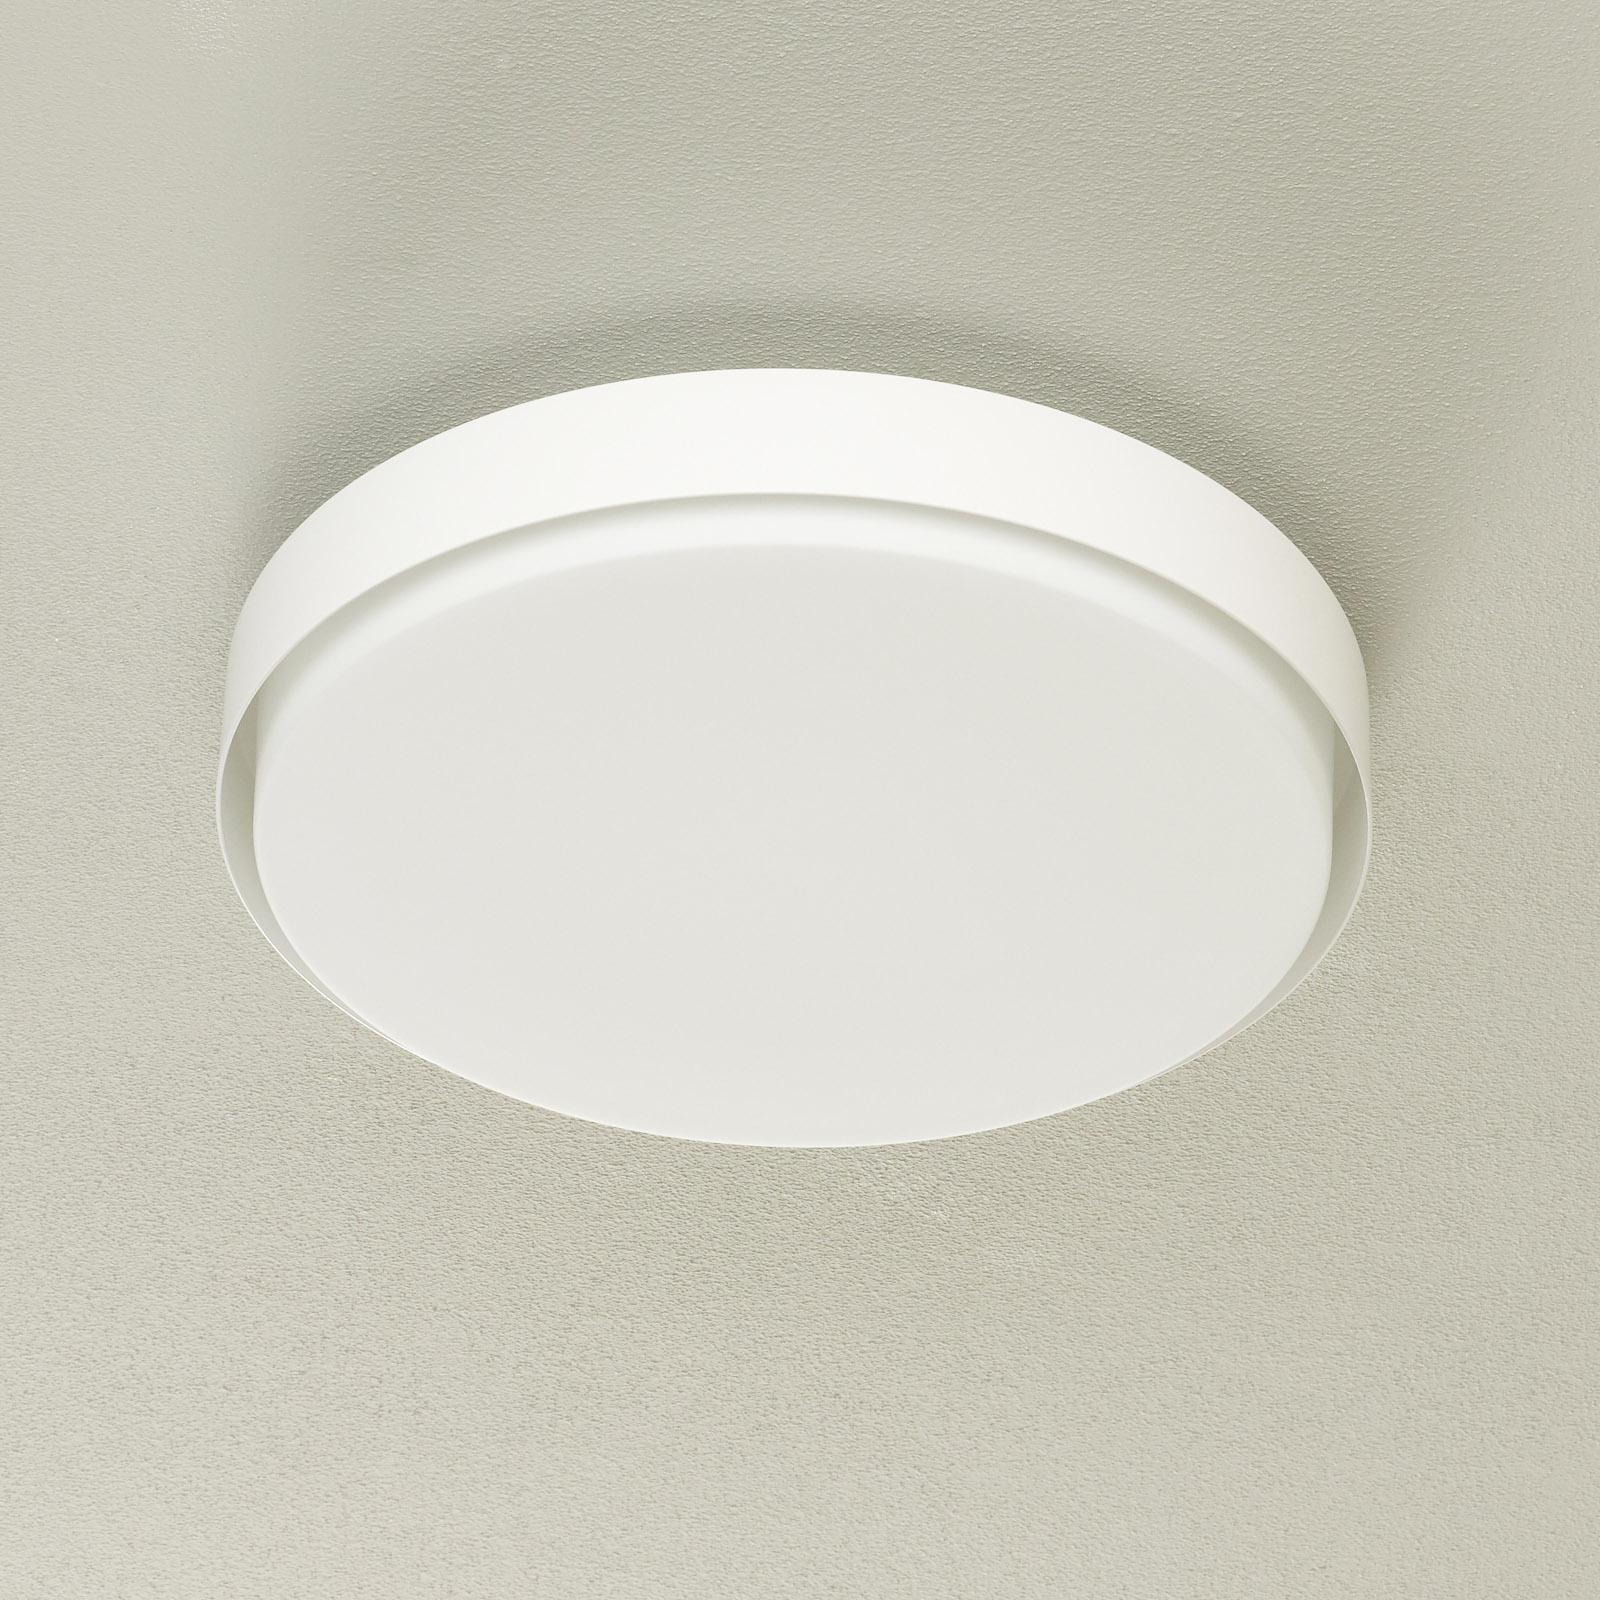 BEGA 34279 LED-Deckenleuchte, weiß, Ø 42 cm, DALI